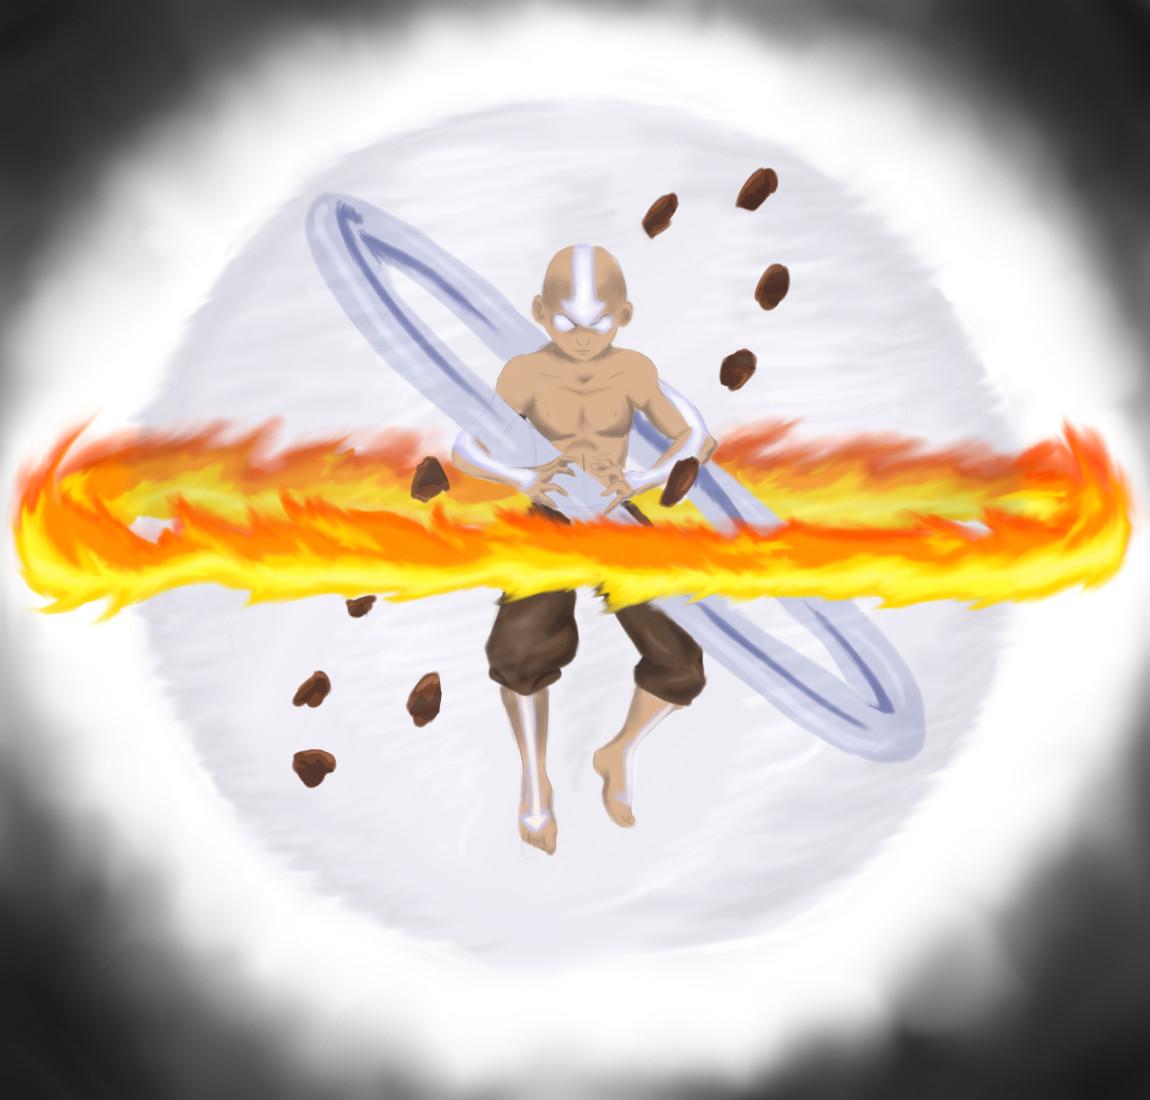 аватар аниме картинки скачать бесплатно: